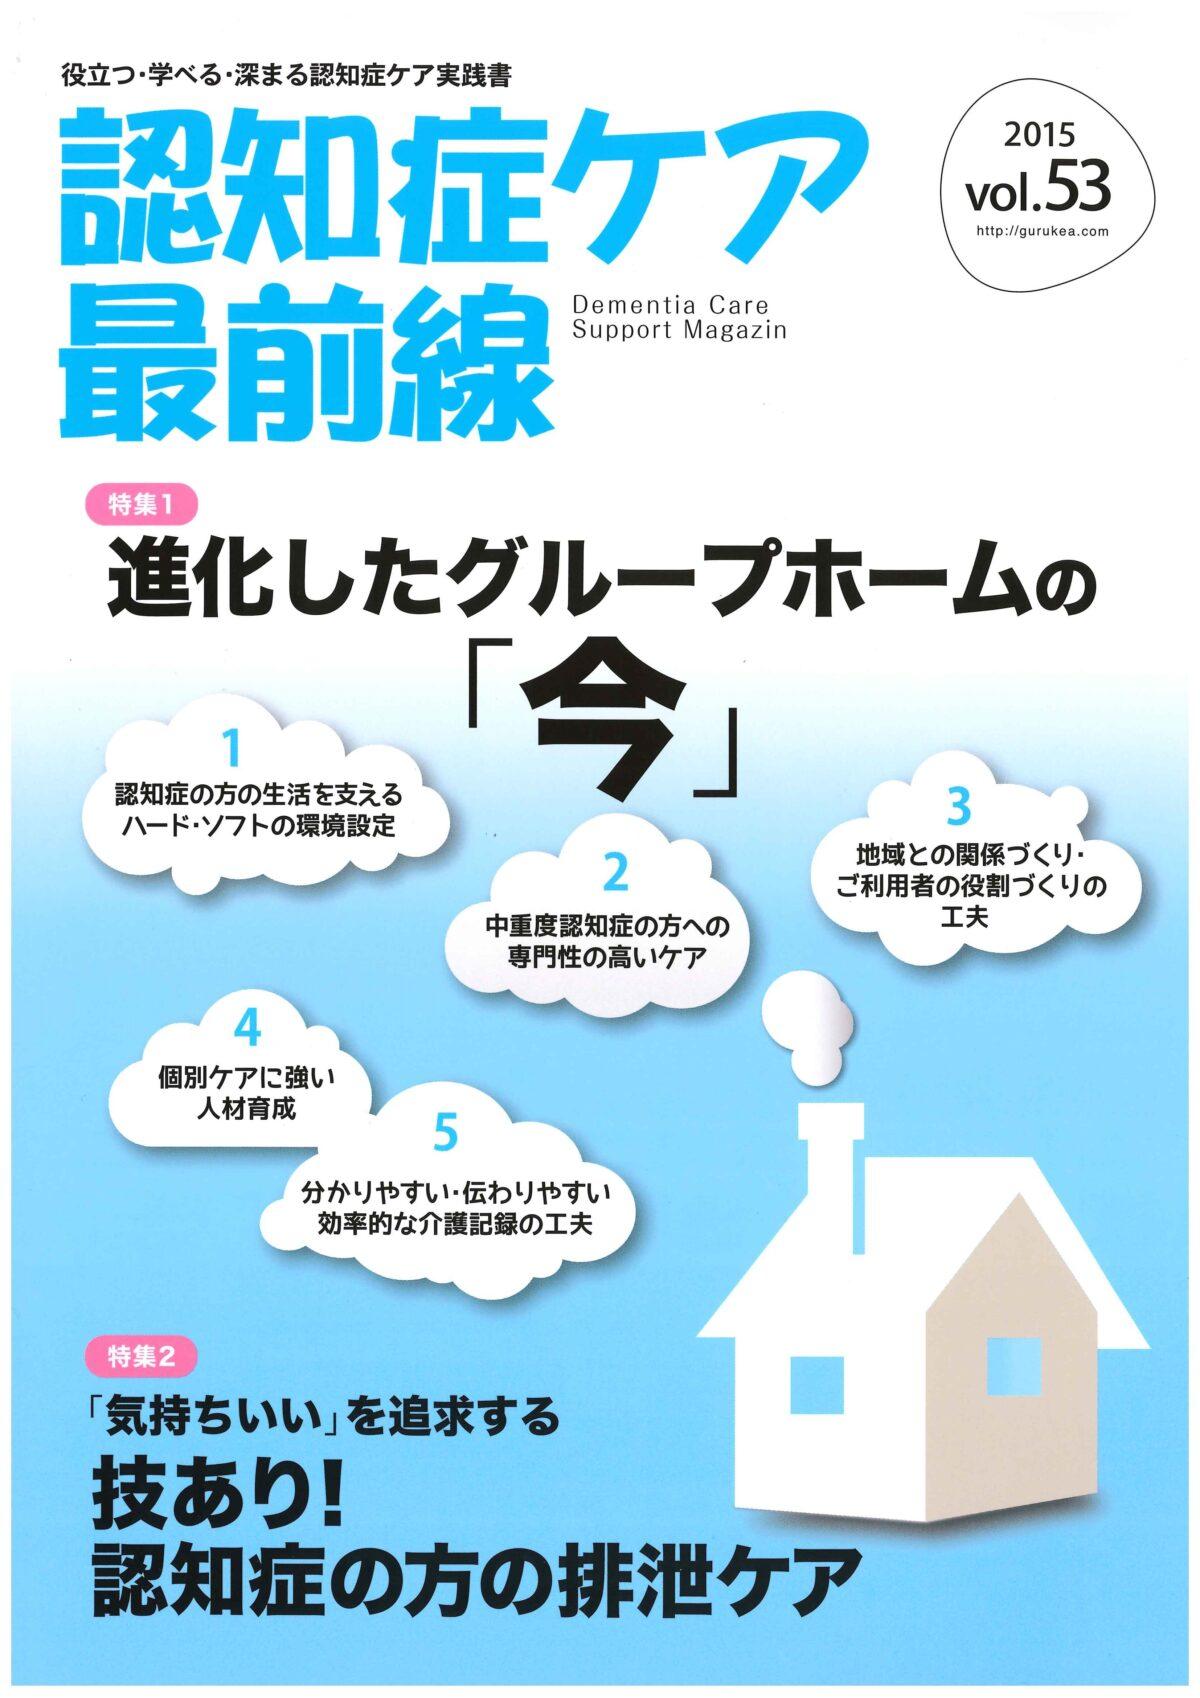 ターミナルケア入門(4)